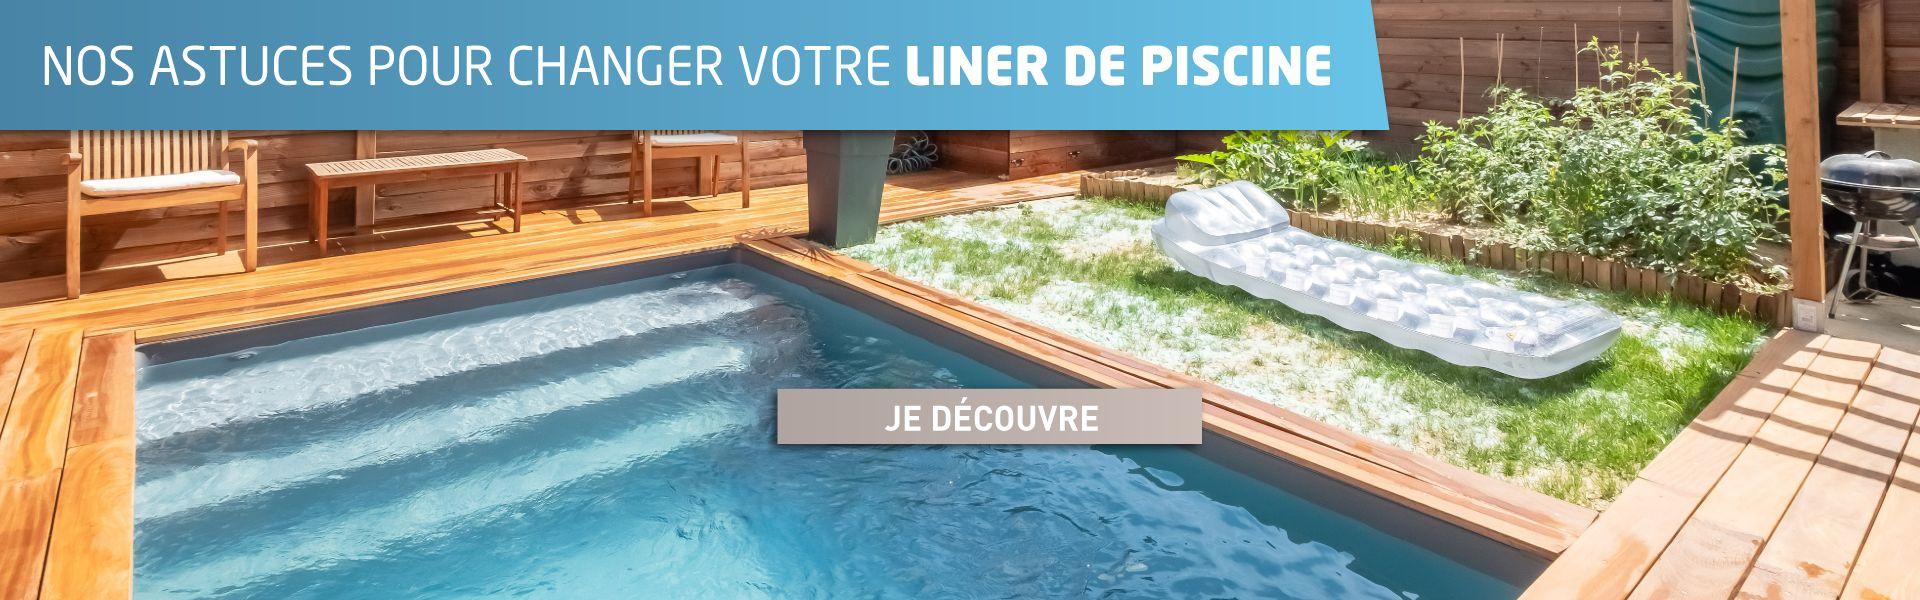 Cash Piscines - Tout Pour La Piscine & Spas Gonflables ... concernant Cash Piscine Cahors